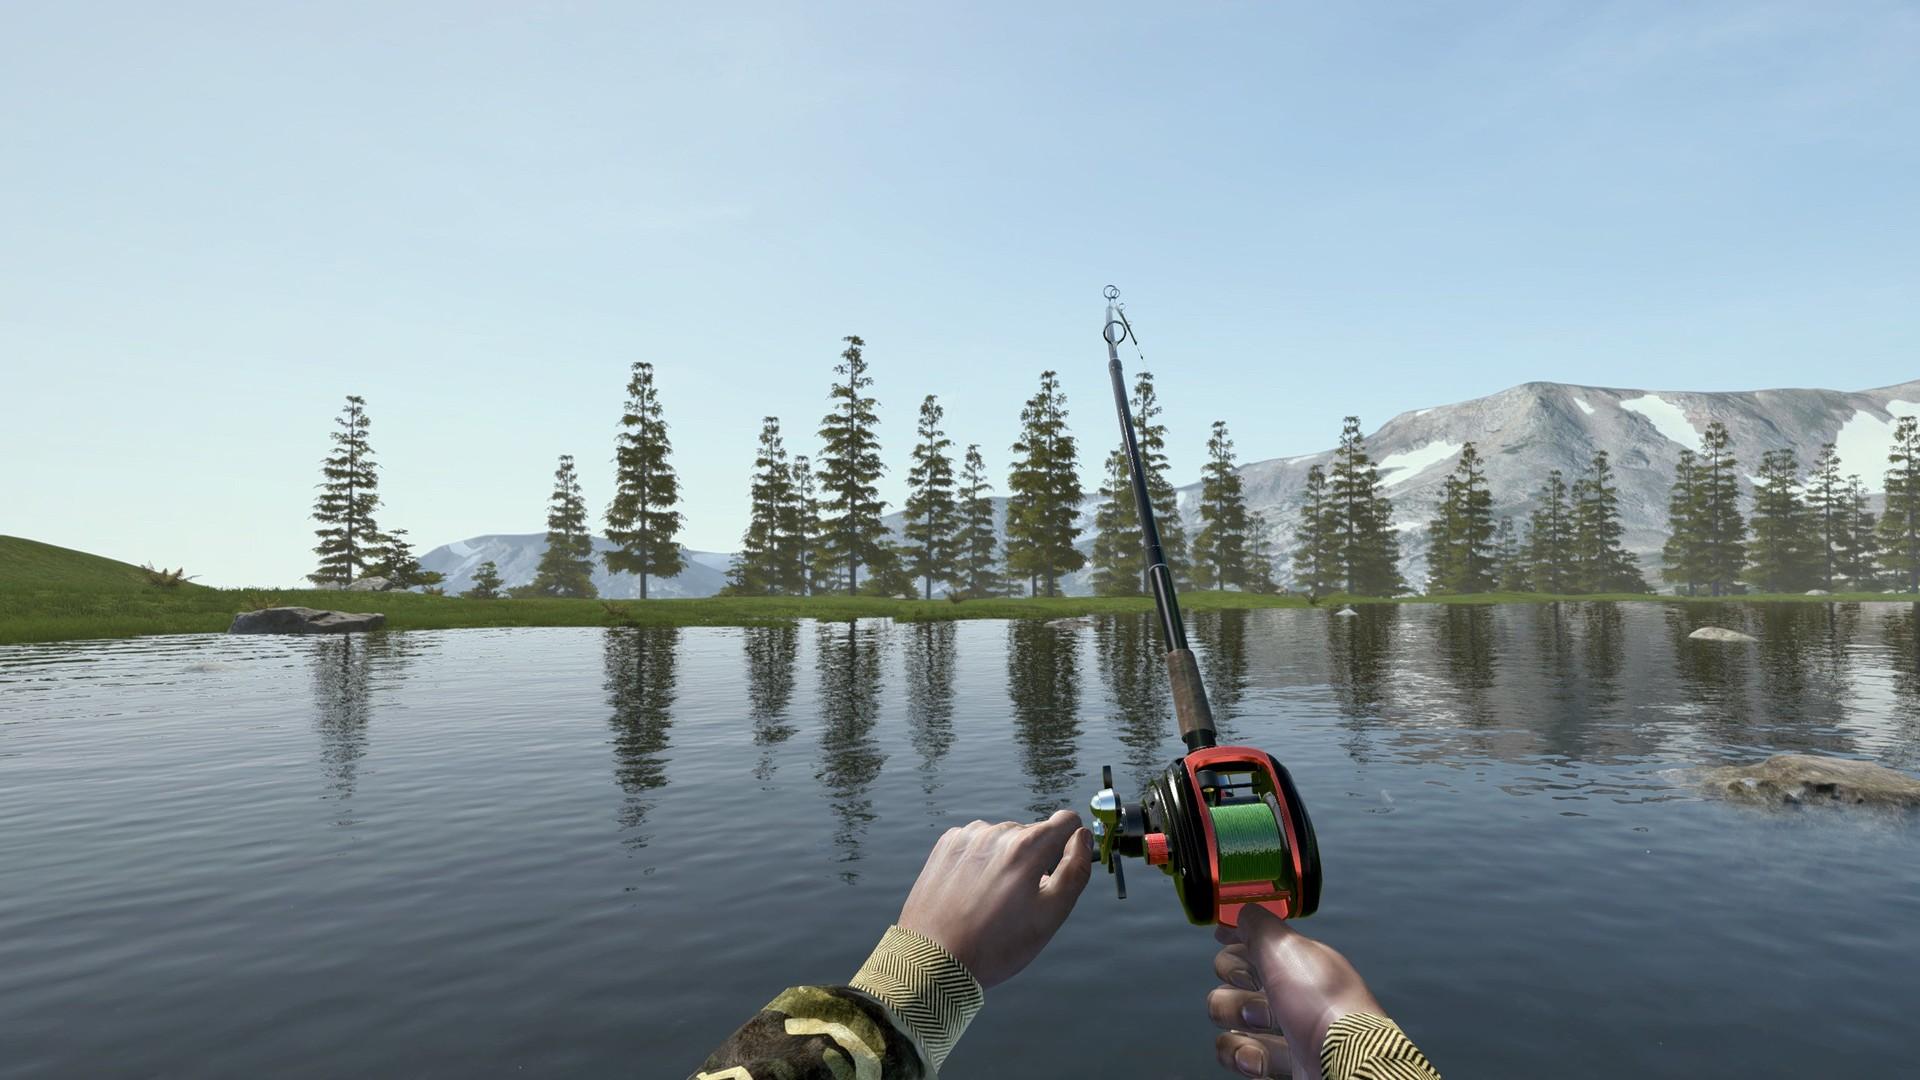 Fishing Sim World PC Game Full Version Free Download